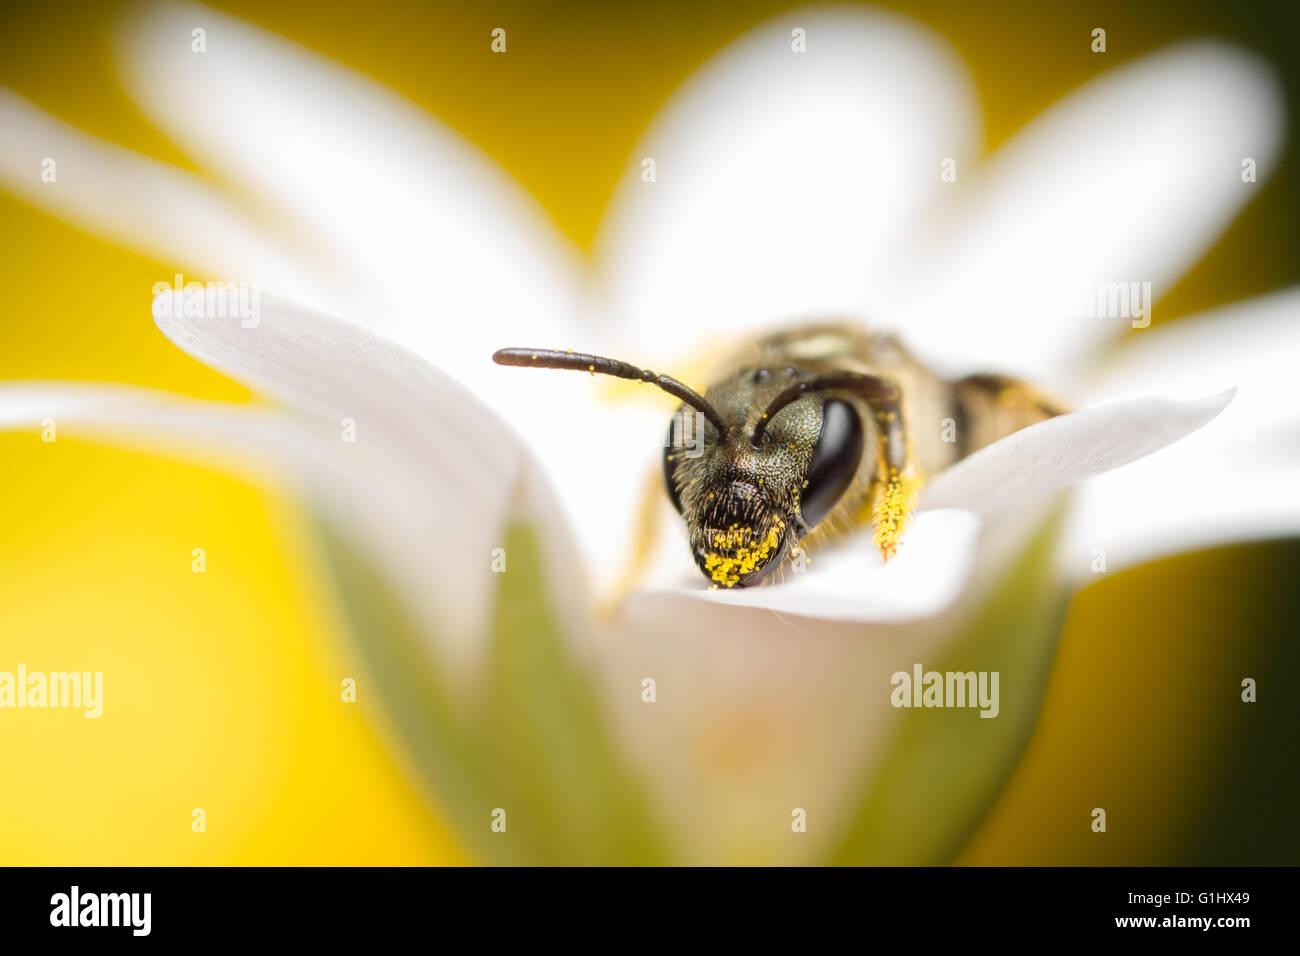 Tiny solitary bee, Halictus tumulorum on wildflower - Stock Image